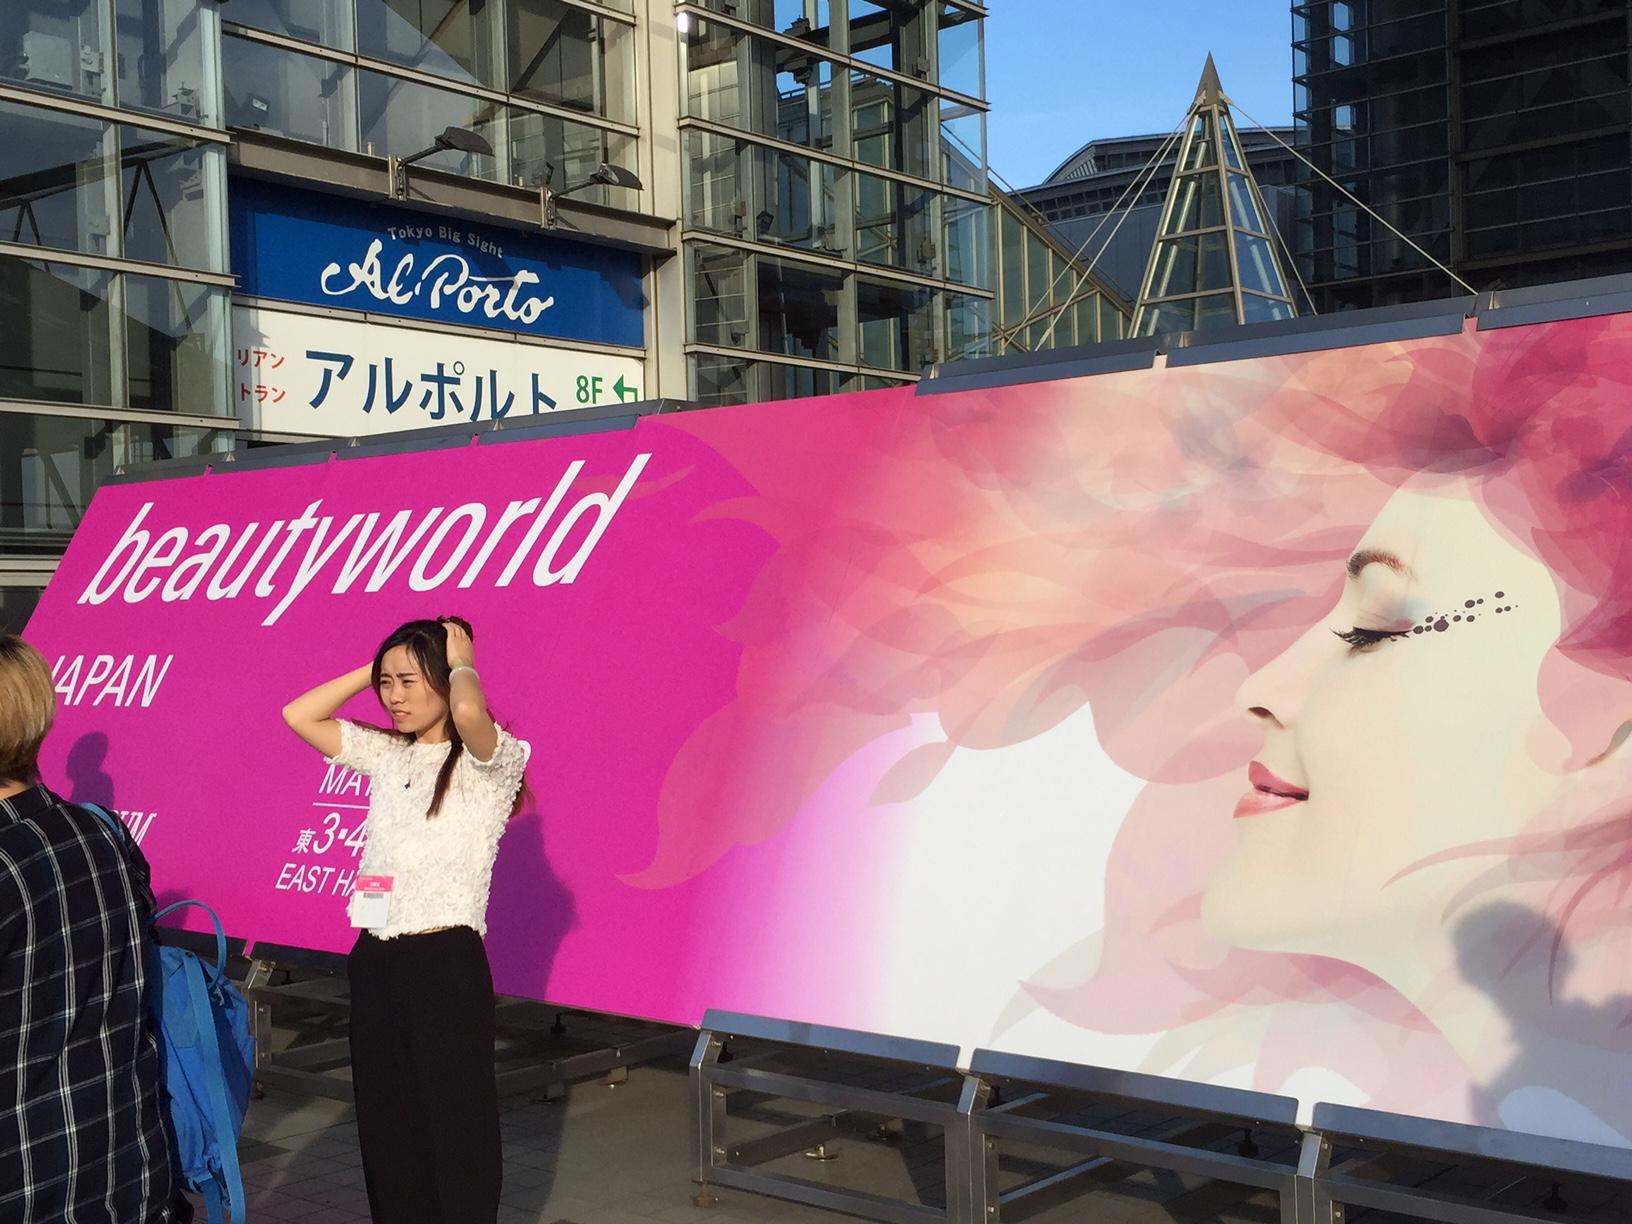 【イベント情報】東京ビッグサイトで5月16日から5月18日まで3日間『ビューティワールドジャパン2016(東京 NAIL FORUM )が行われていました。